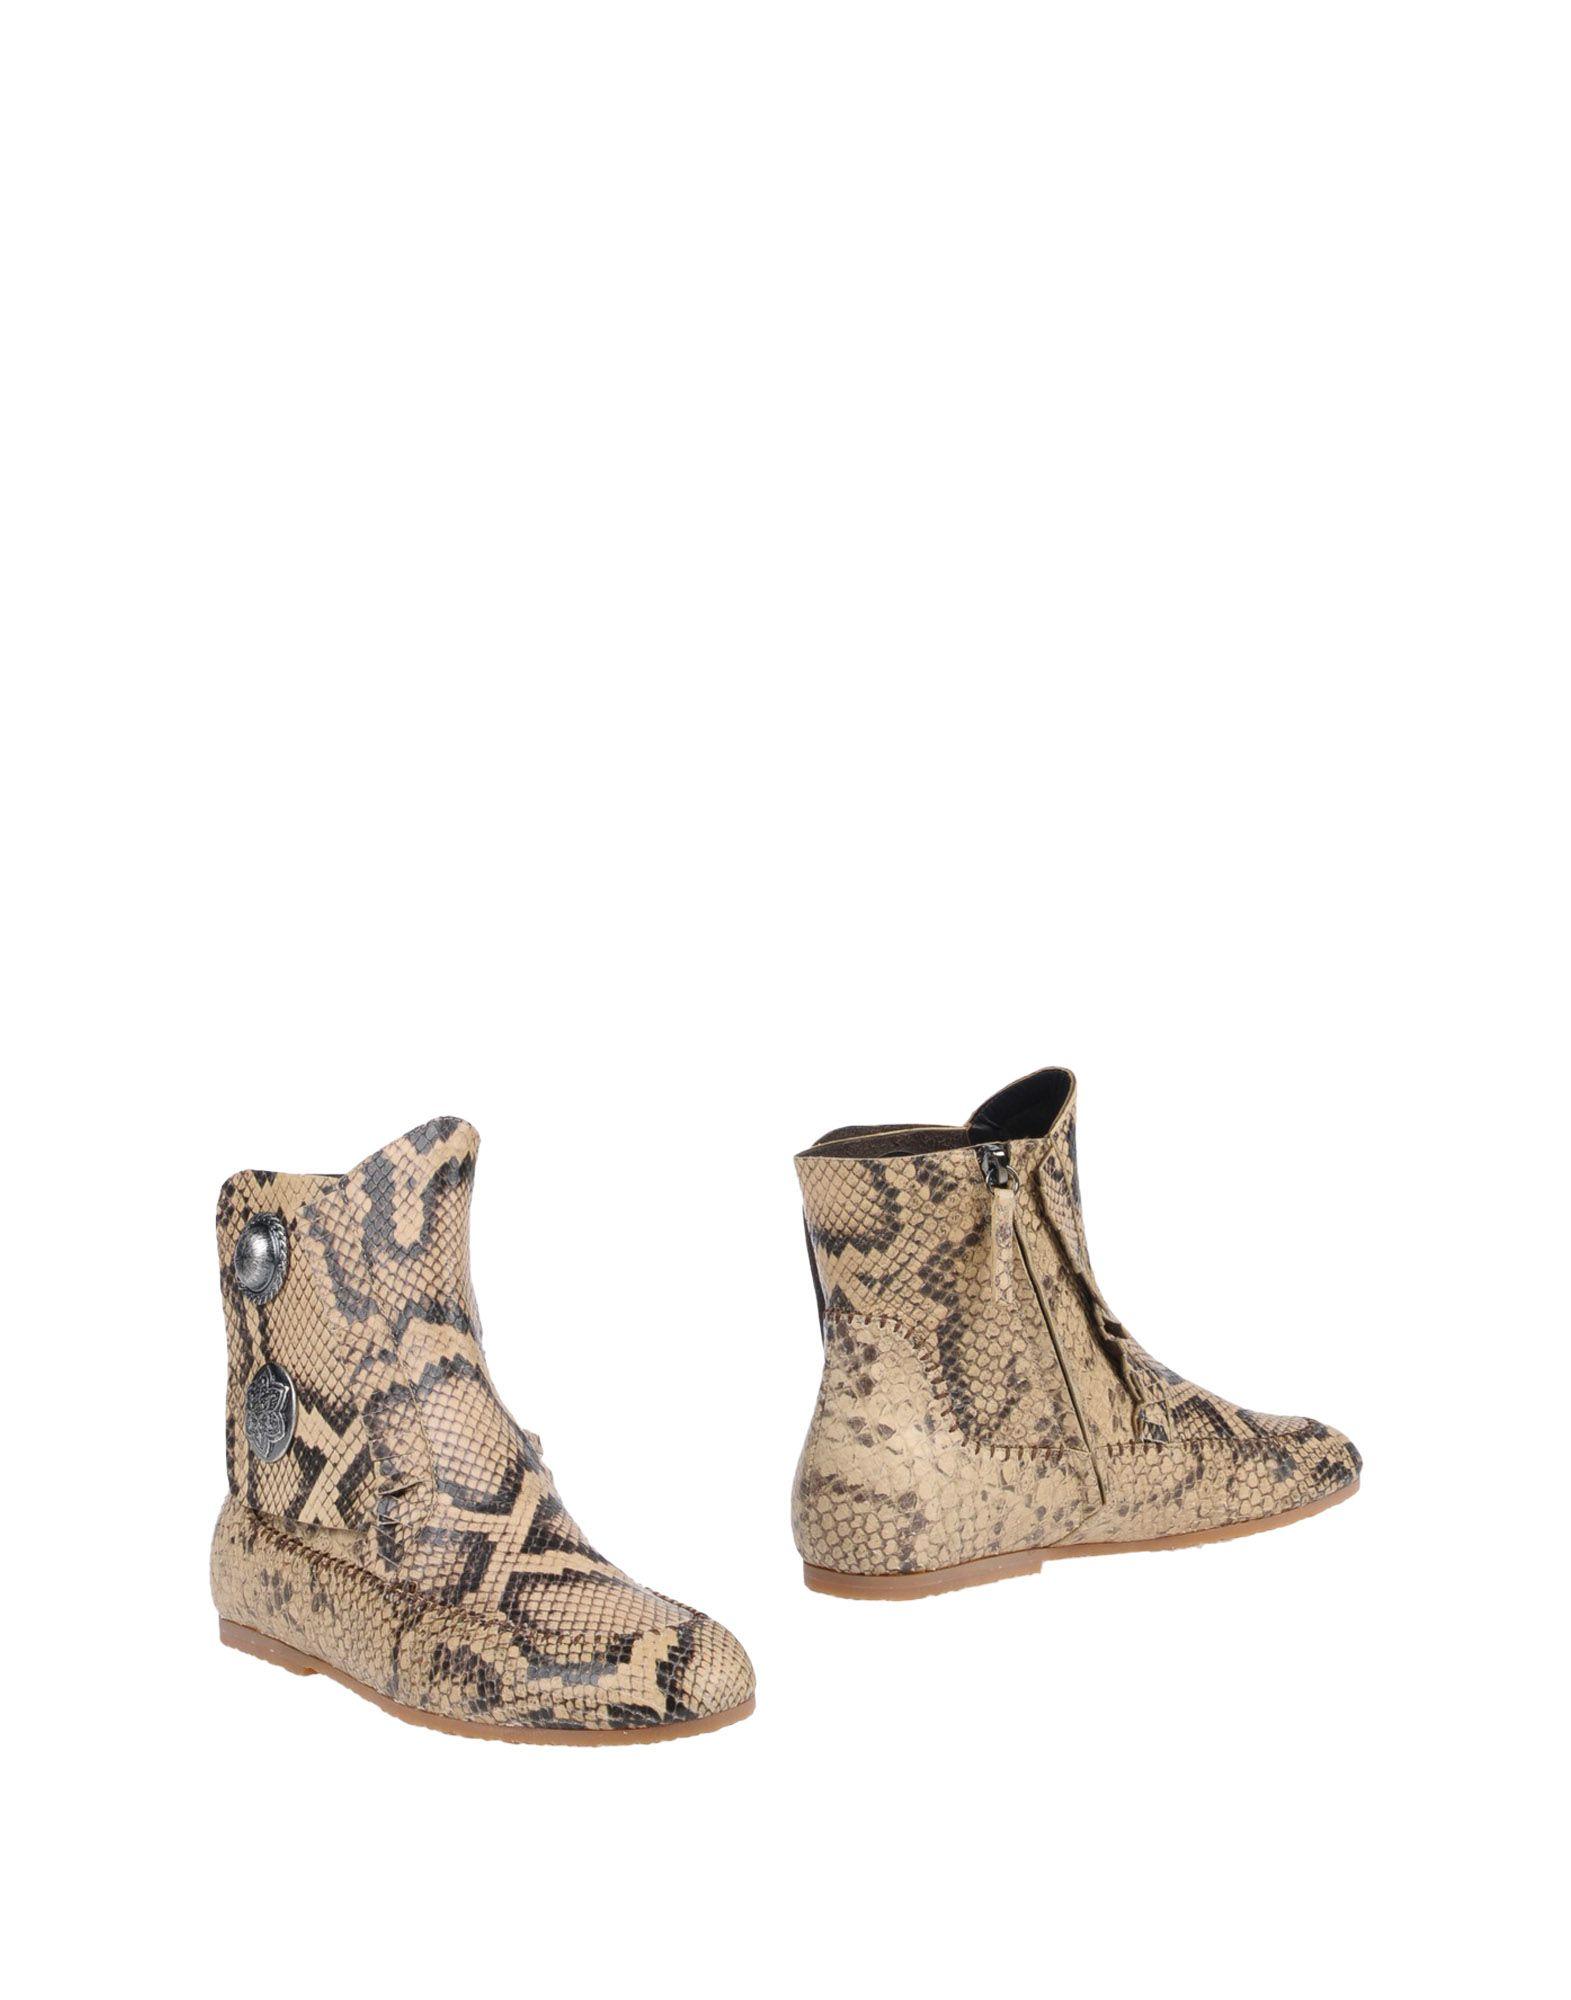 Giuseppe Zanotti Stiefelette Damen  11430615TL Beliebte Schuhe